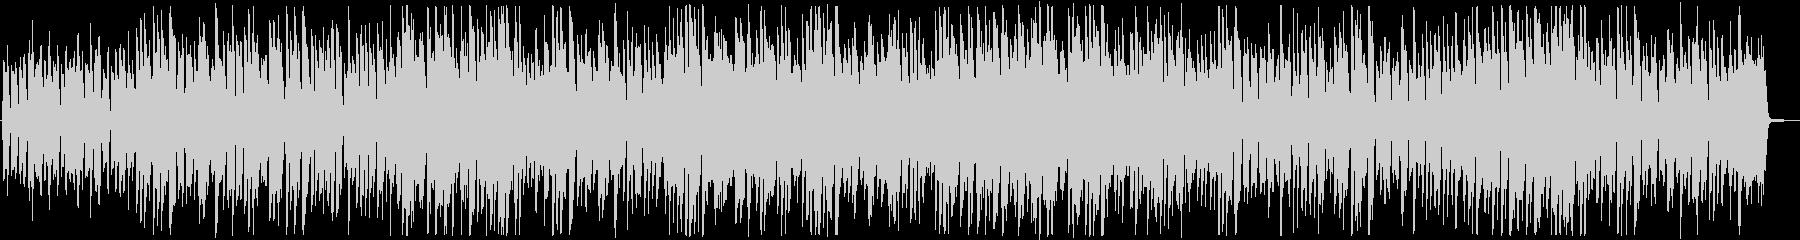 ピアノ・トリオNo.5/ストライドピアノの未再生の波形